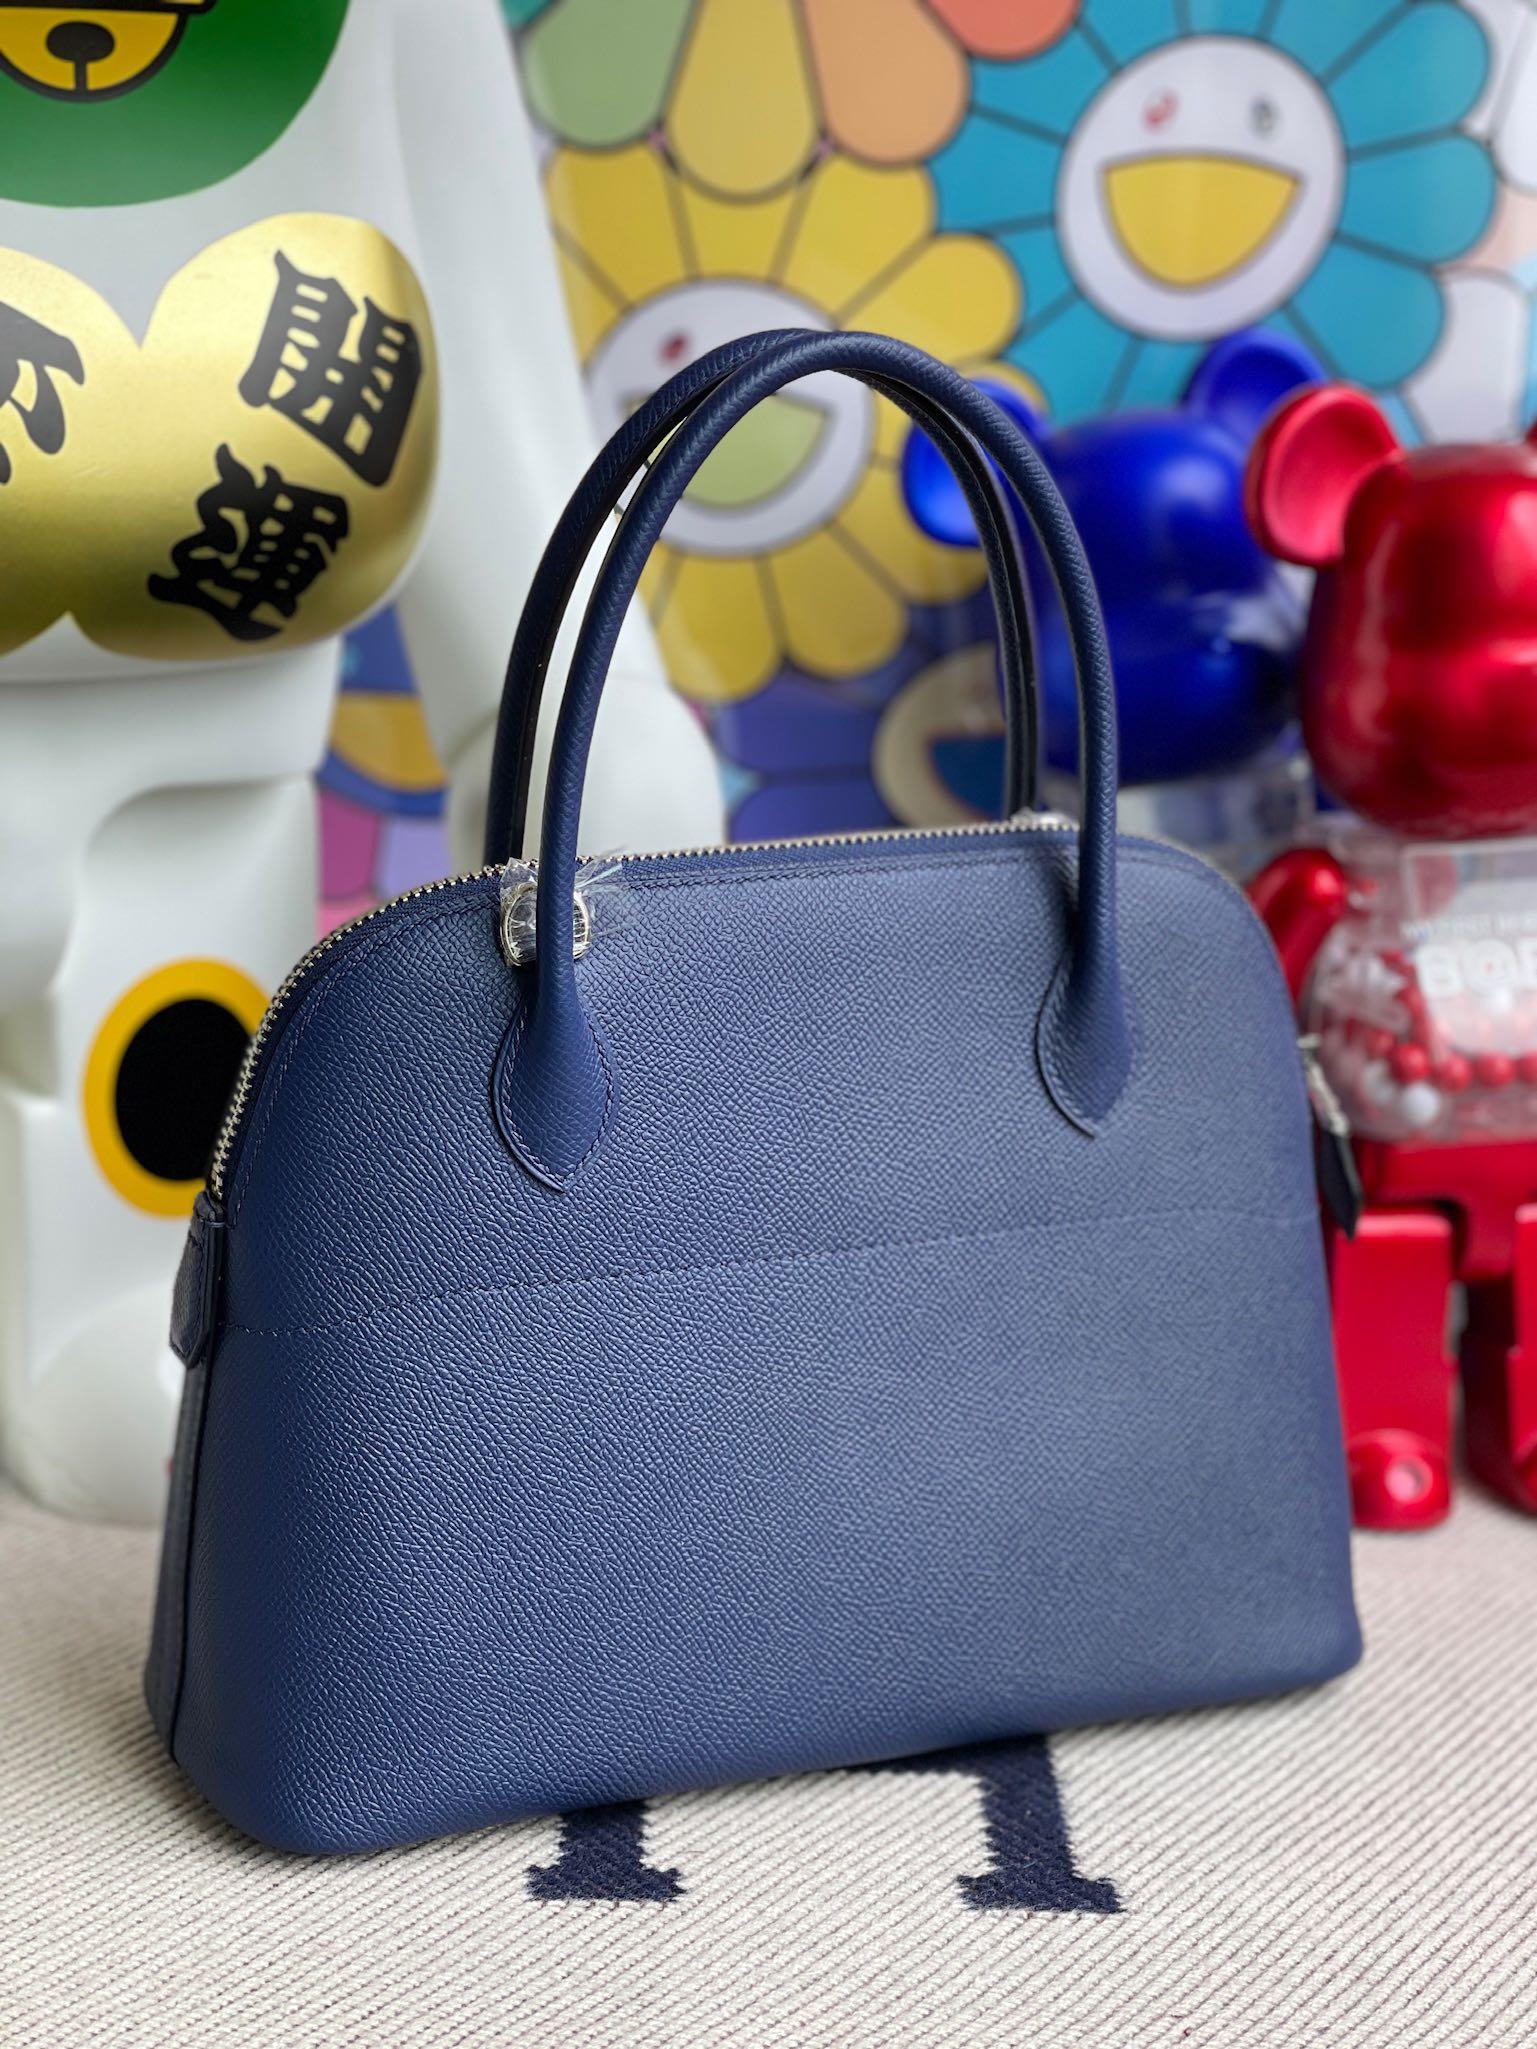 Hermès(爱马仕)Bolide 保龄球包 Epsom 原厂掌纹皮 宝石蓝 blue saphir 银扣 27cm 顶级手缝